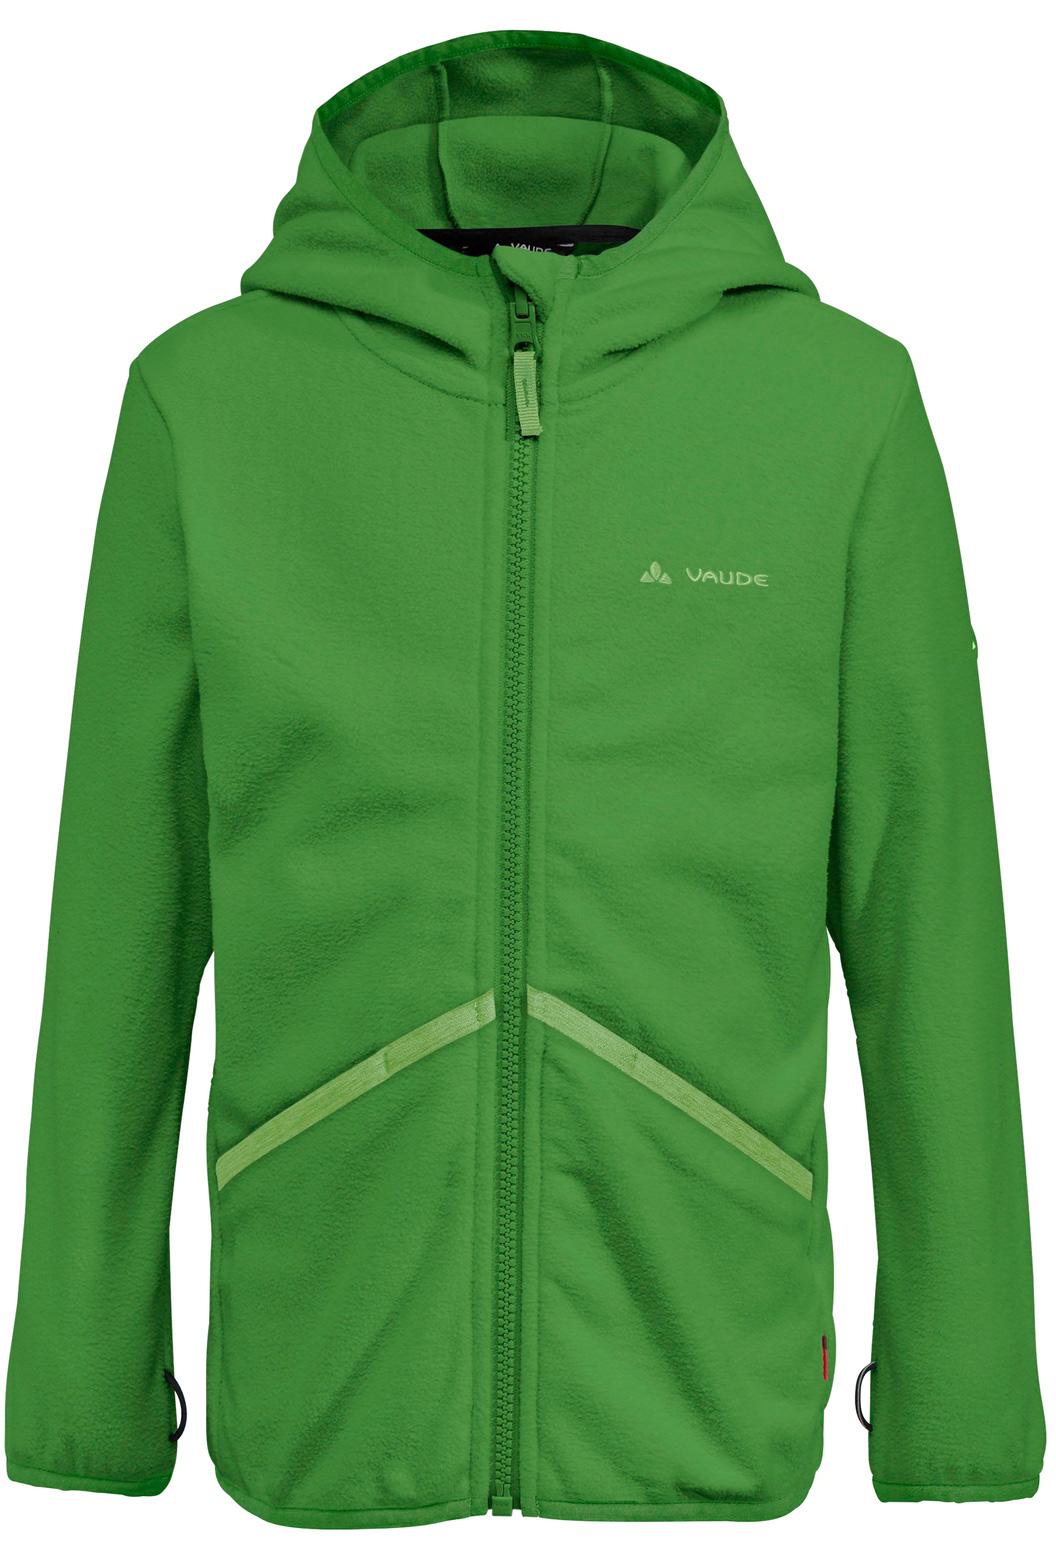 Vaude Kids Pulex Hooded Jacket - parrot green